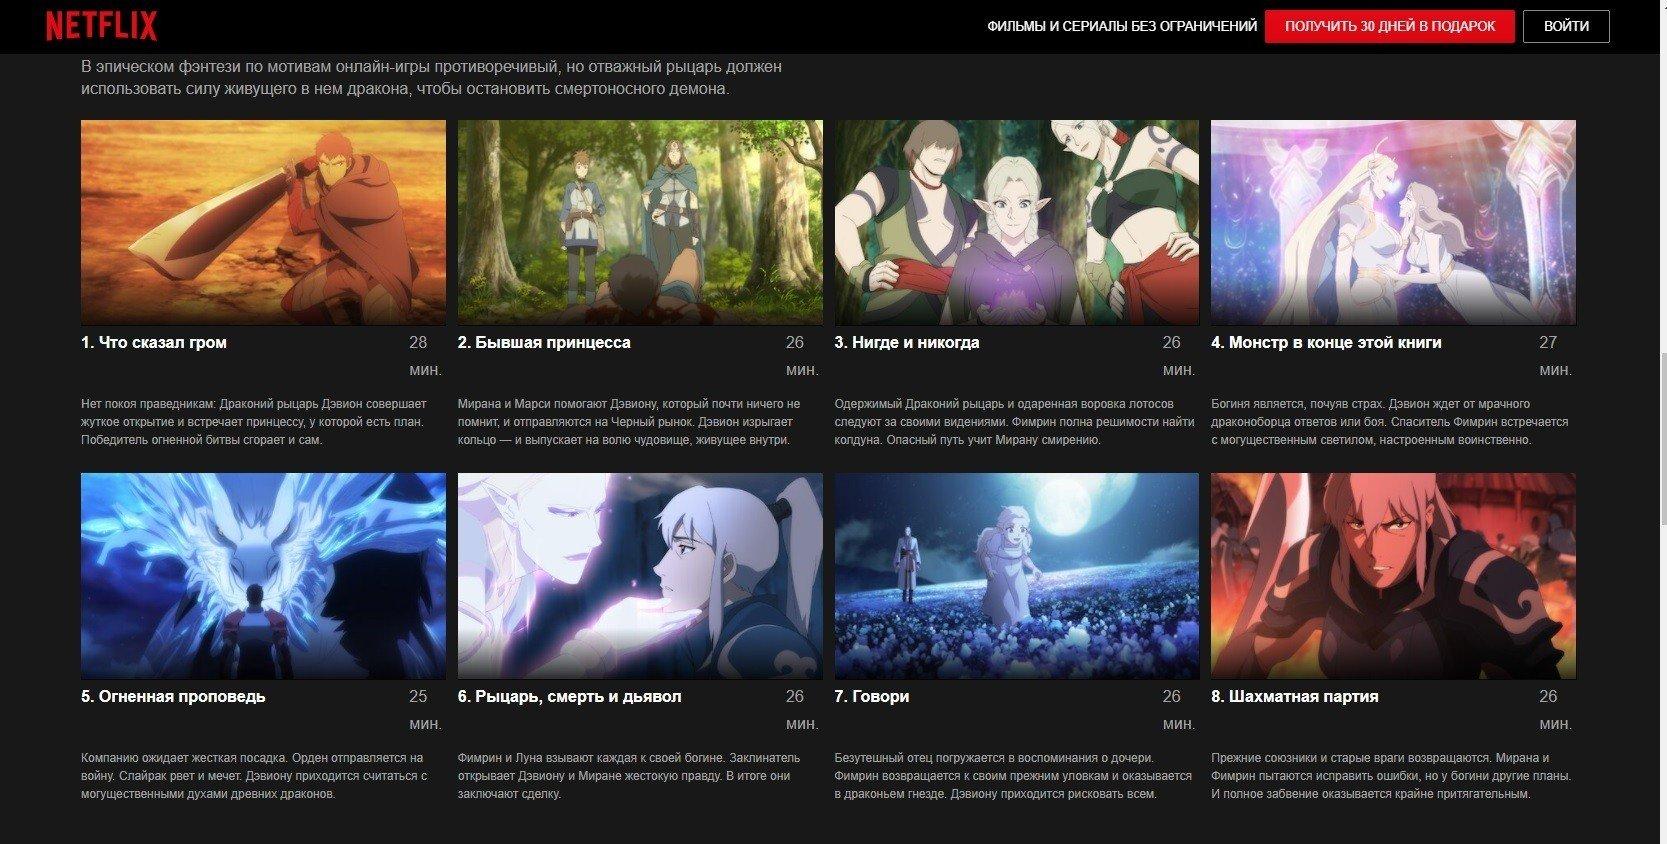 Аниме DOTA Dragons Blood вышло на Netflix